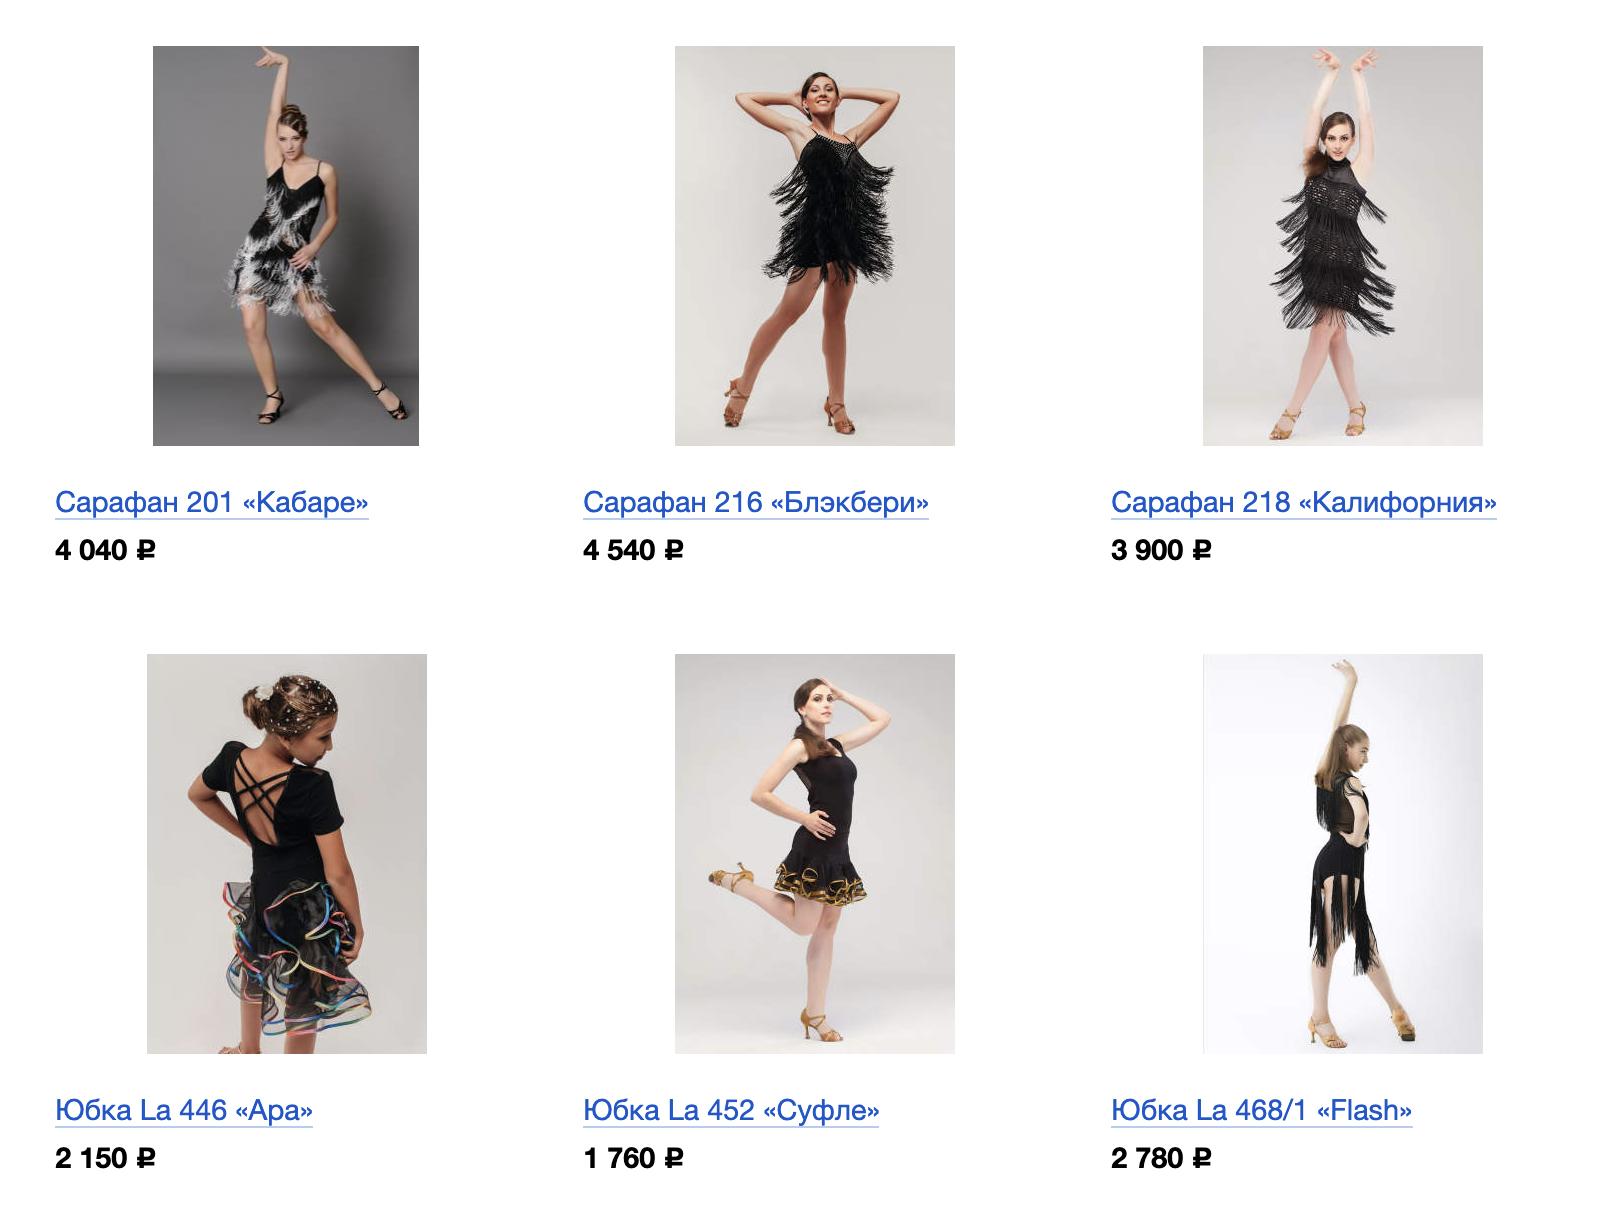 Варианты женских танцевальных костюмов. Тут все зависит от личного вкуса и пожеланий